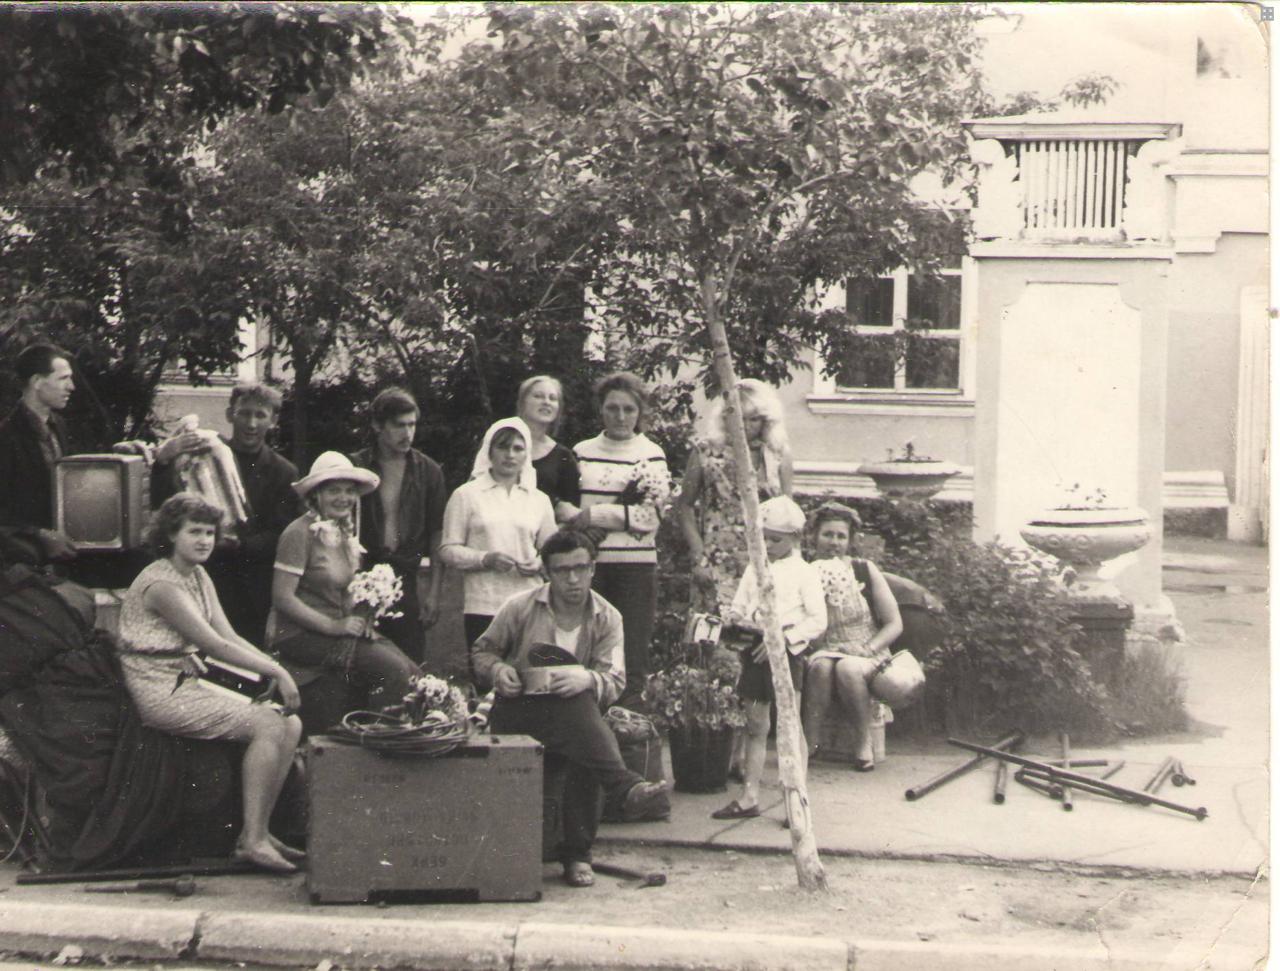 Члены киностудии «Звезда» отправляются на отдых 70-е гг. ХХ в.